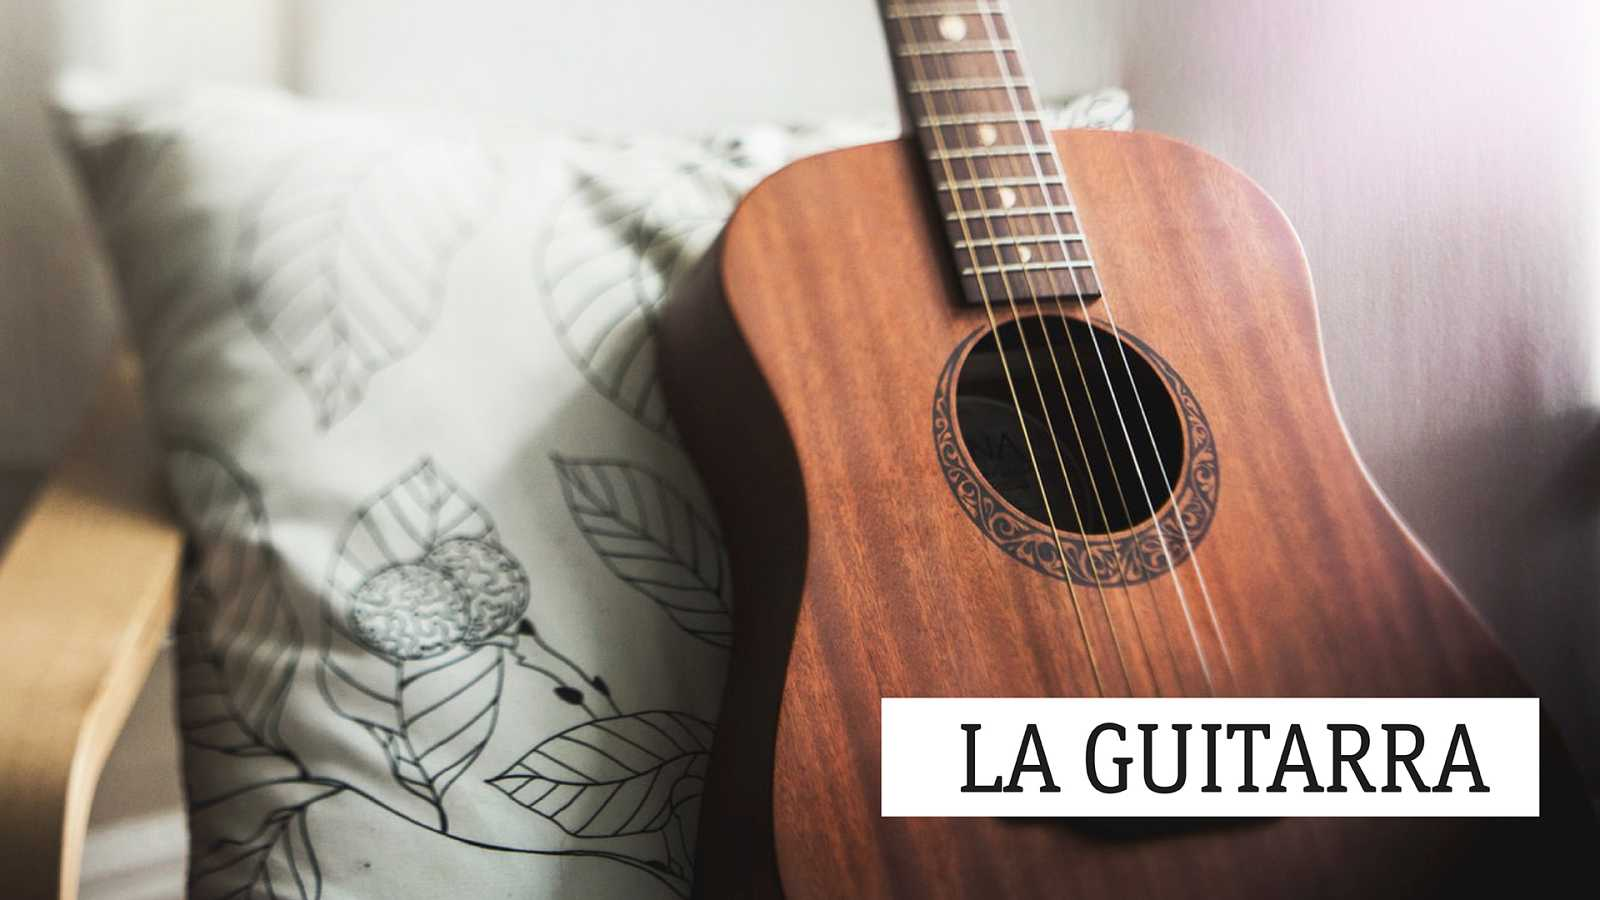 La guitarra - 04/10/20 - escuchar ahora